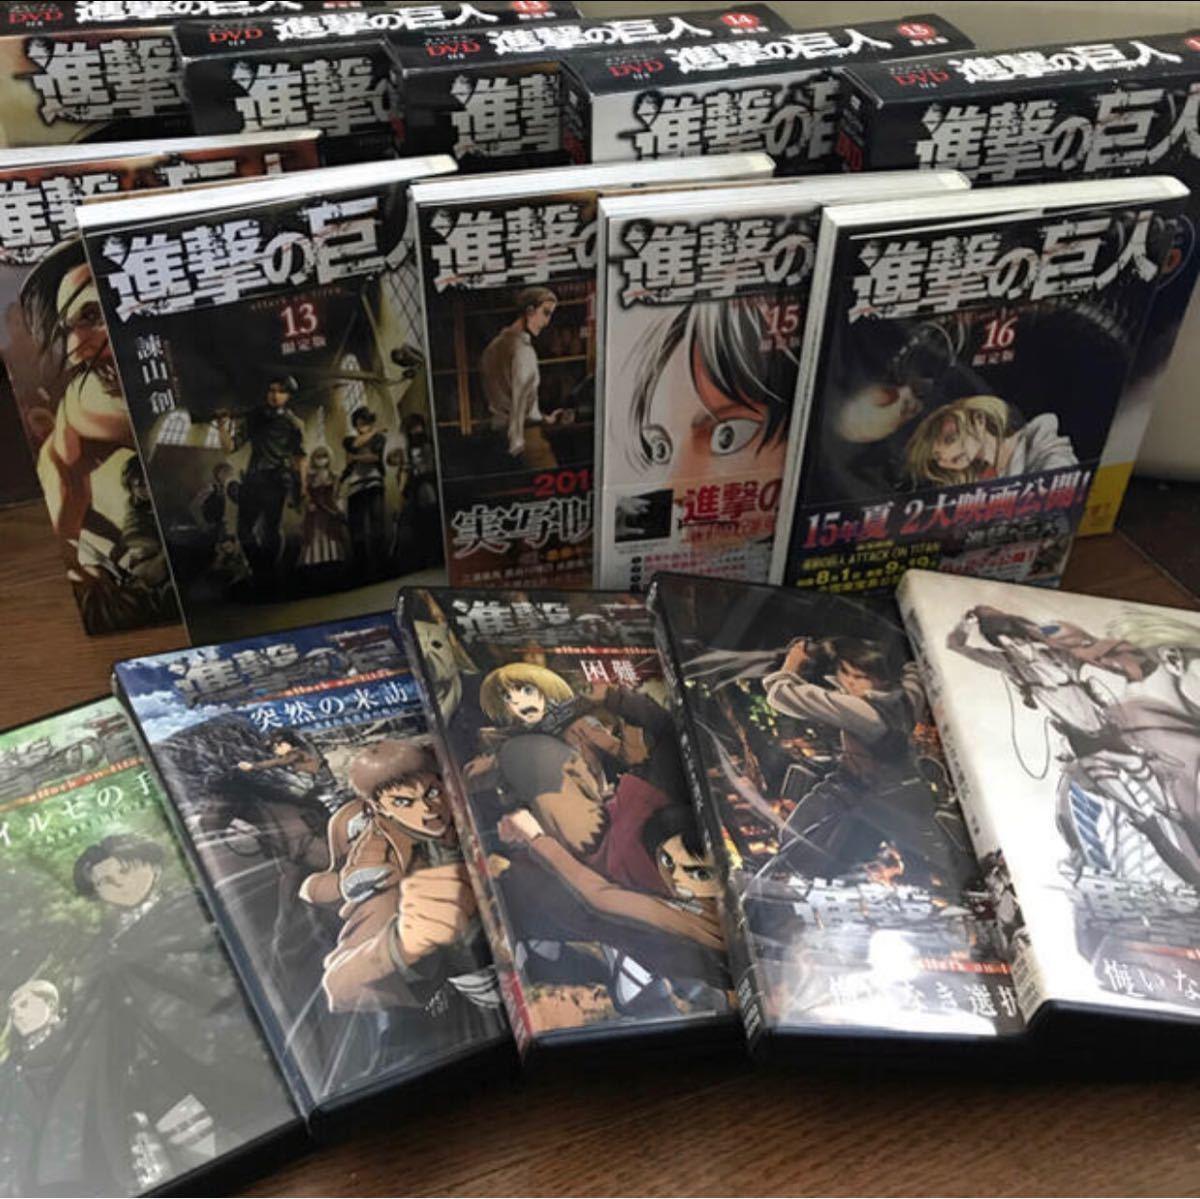 進撃の巨人 限定版 DVD付き 12巻〜16巻 悔いなき選択 OVA